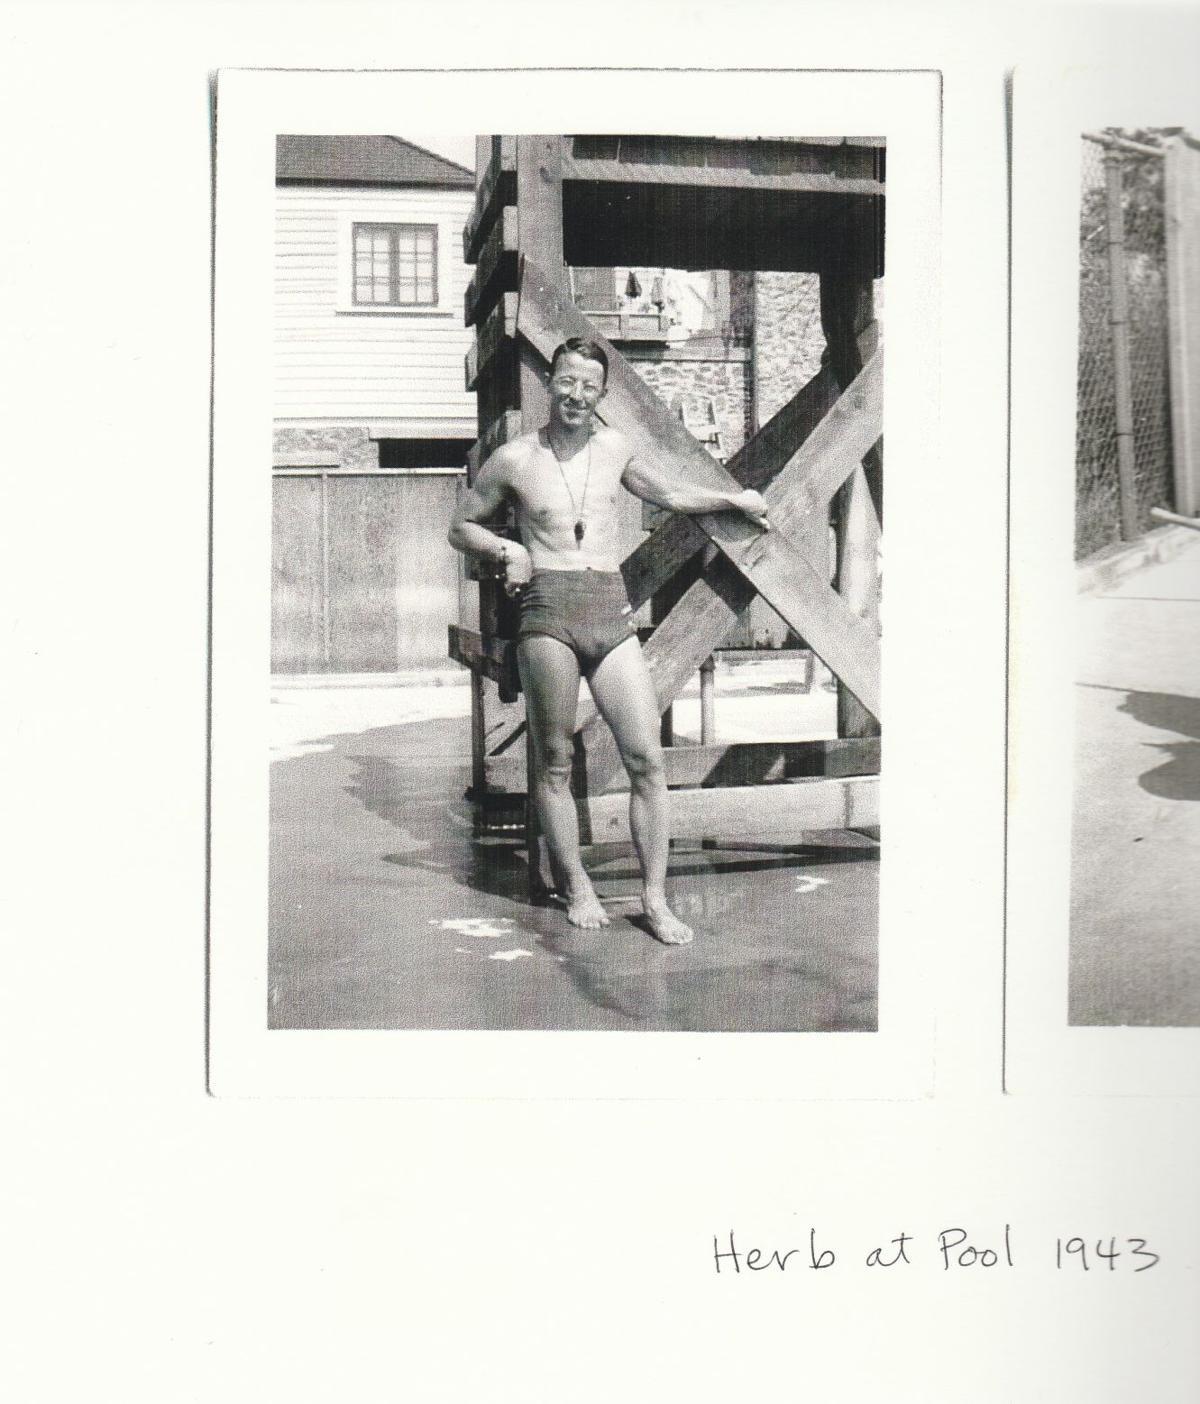 Herb at Pool 1943.jpg